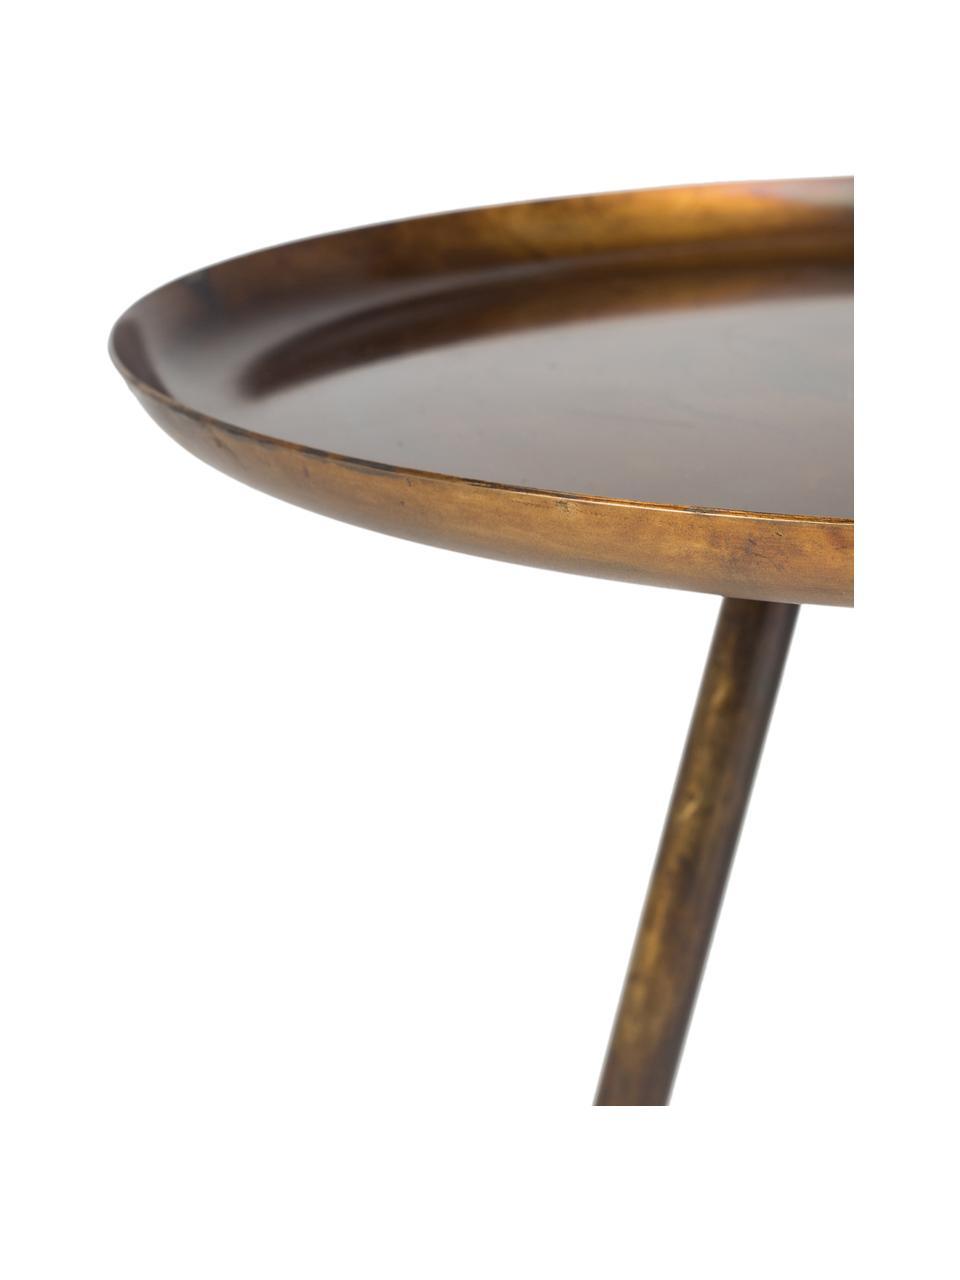 Table d'appoint en métal, ronde Frost, Couleur dorée, cuivre, finition antiquaire